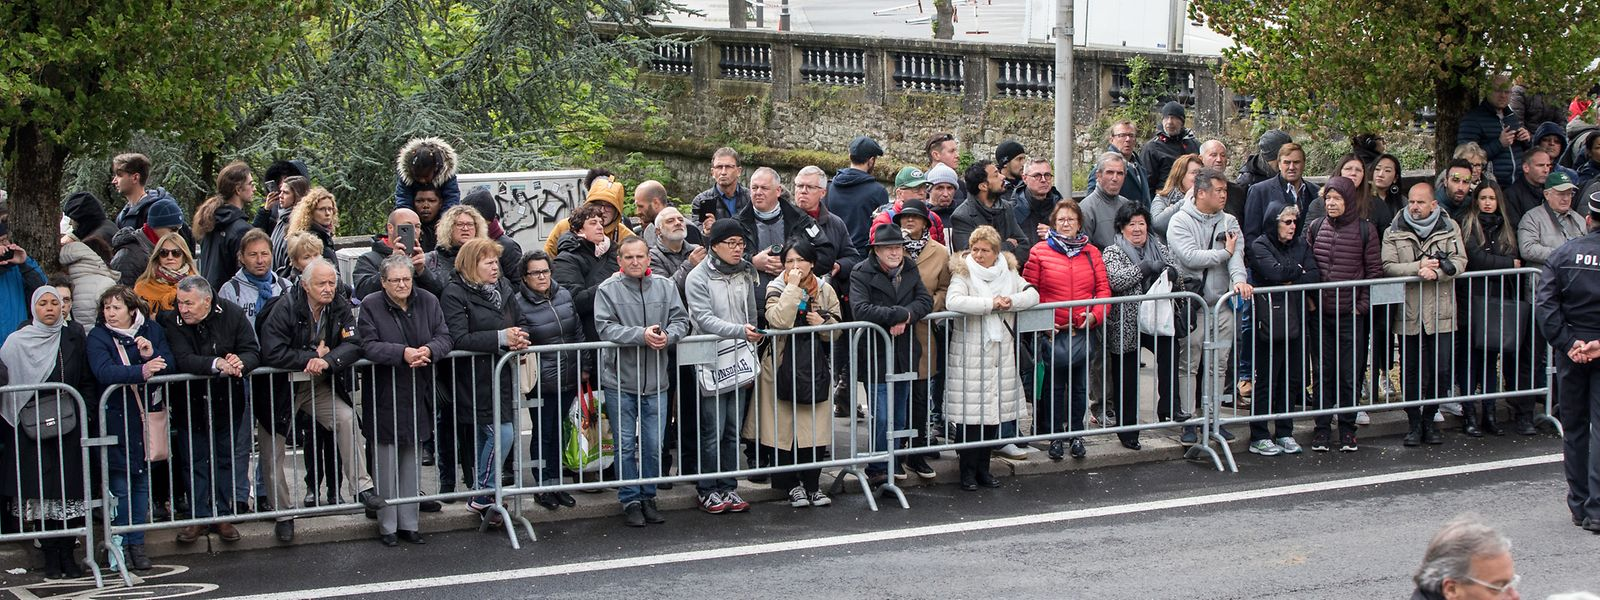 Die Bürger waren aus dem ganzen Land angereist, um der Trauerzeremonie beizuwohnen.